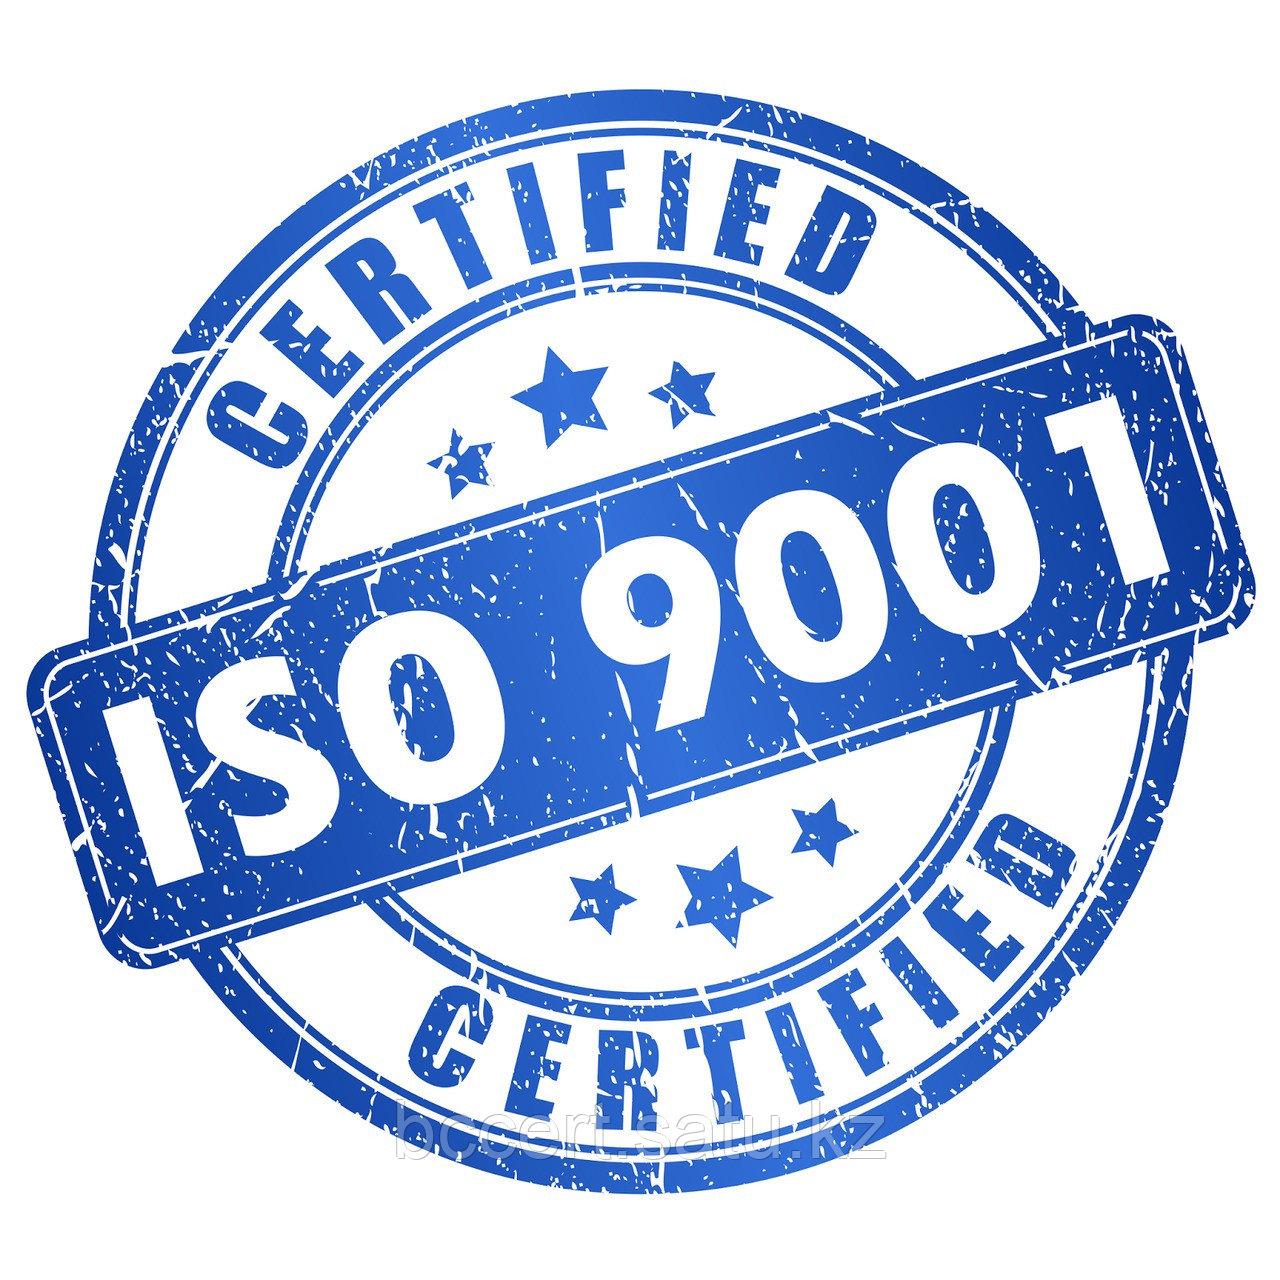 Сертификаты ИСО 9001, ИСО 14001 OHSAS 18001, г. Павлодар